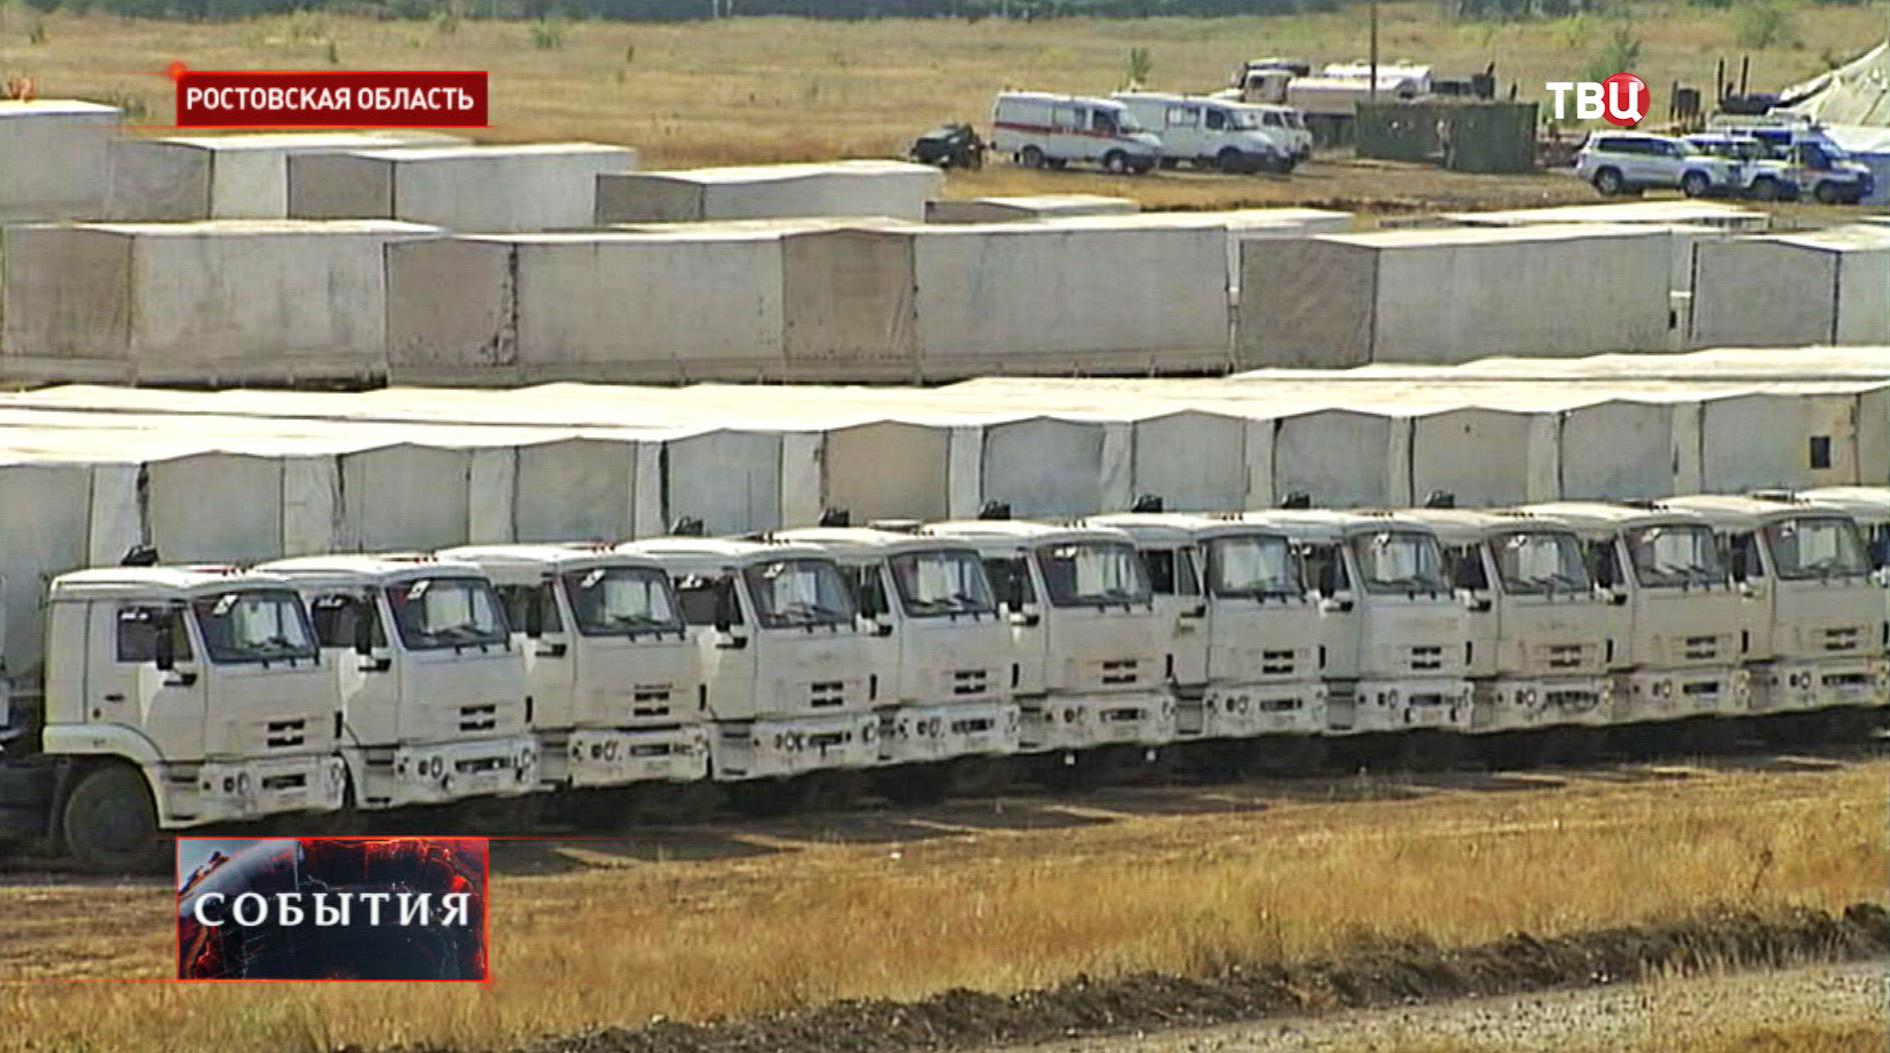 Колонна с гуманитарным грузом в Ростовской области